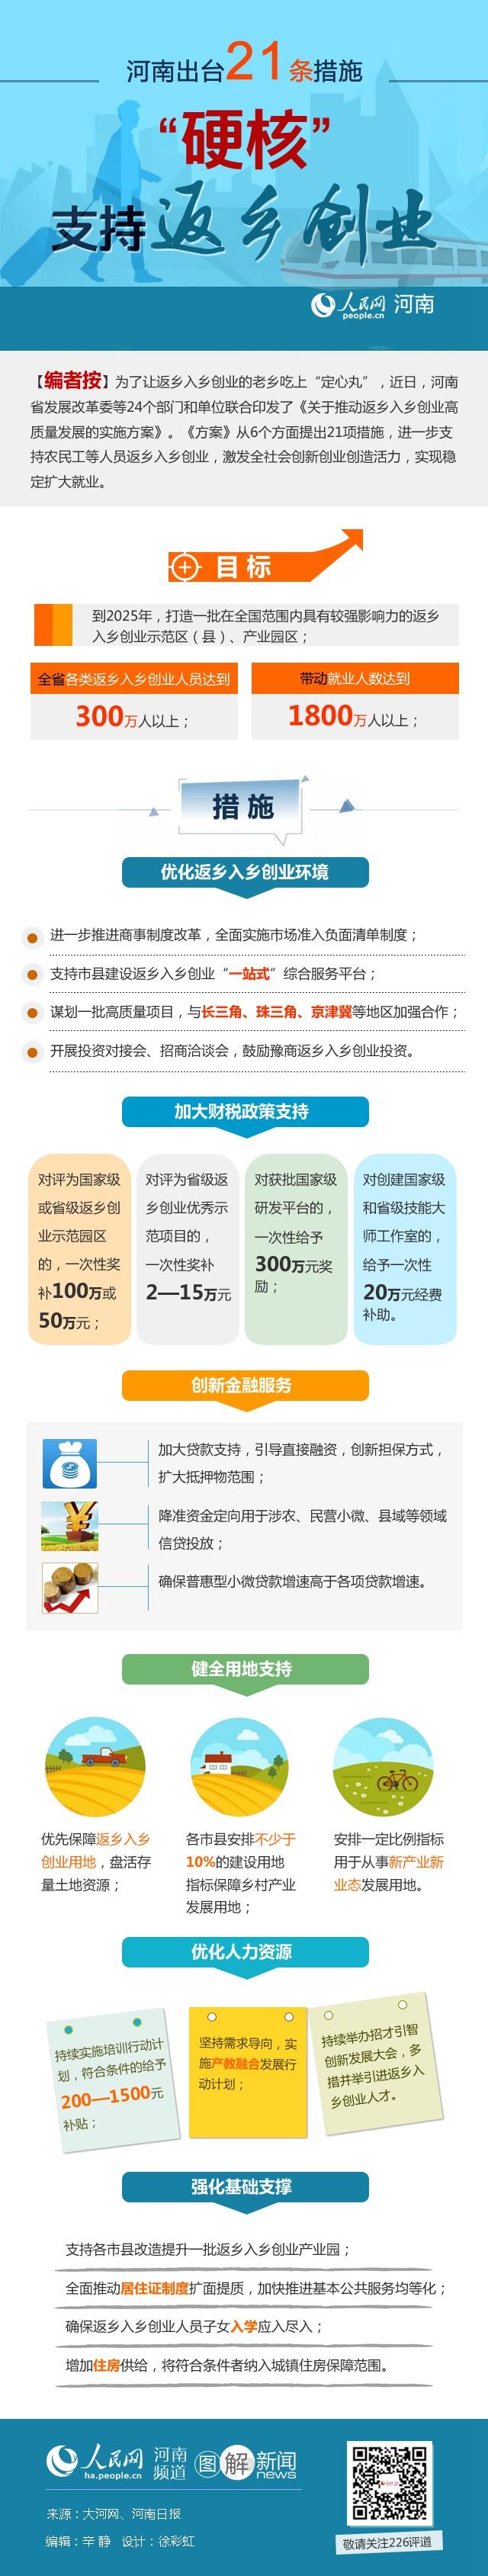 """河南出台21条措施 """"硬核""""支持返乡创业"""